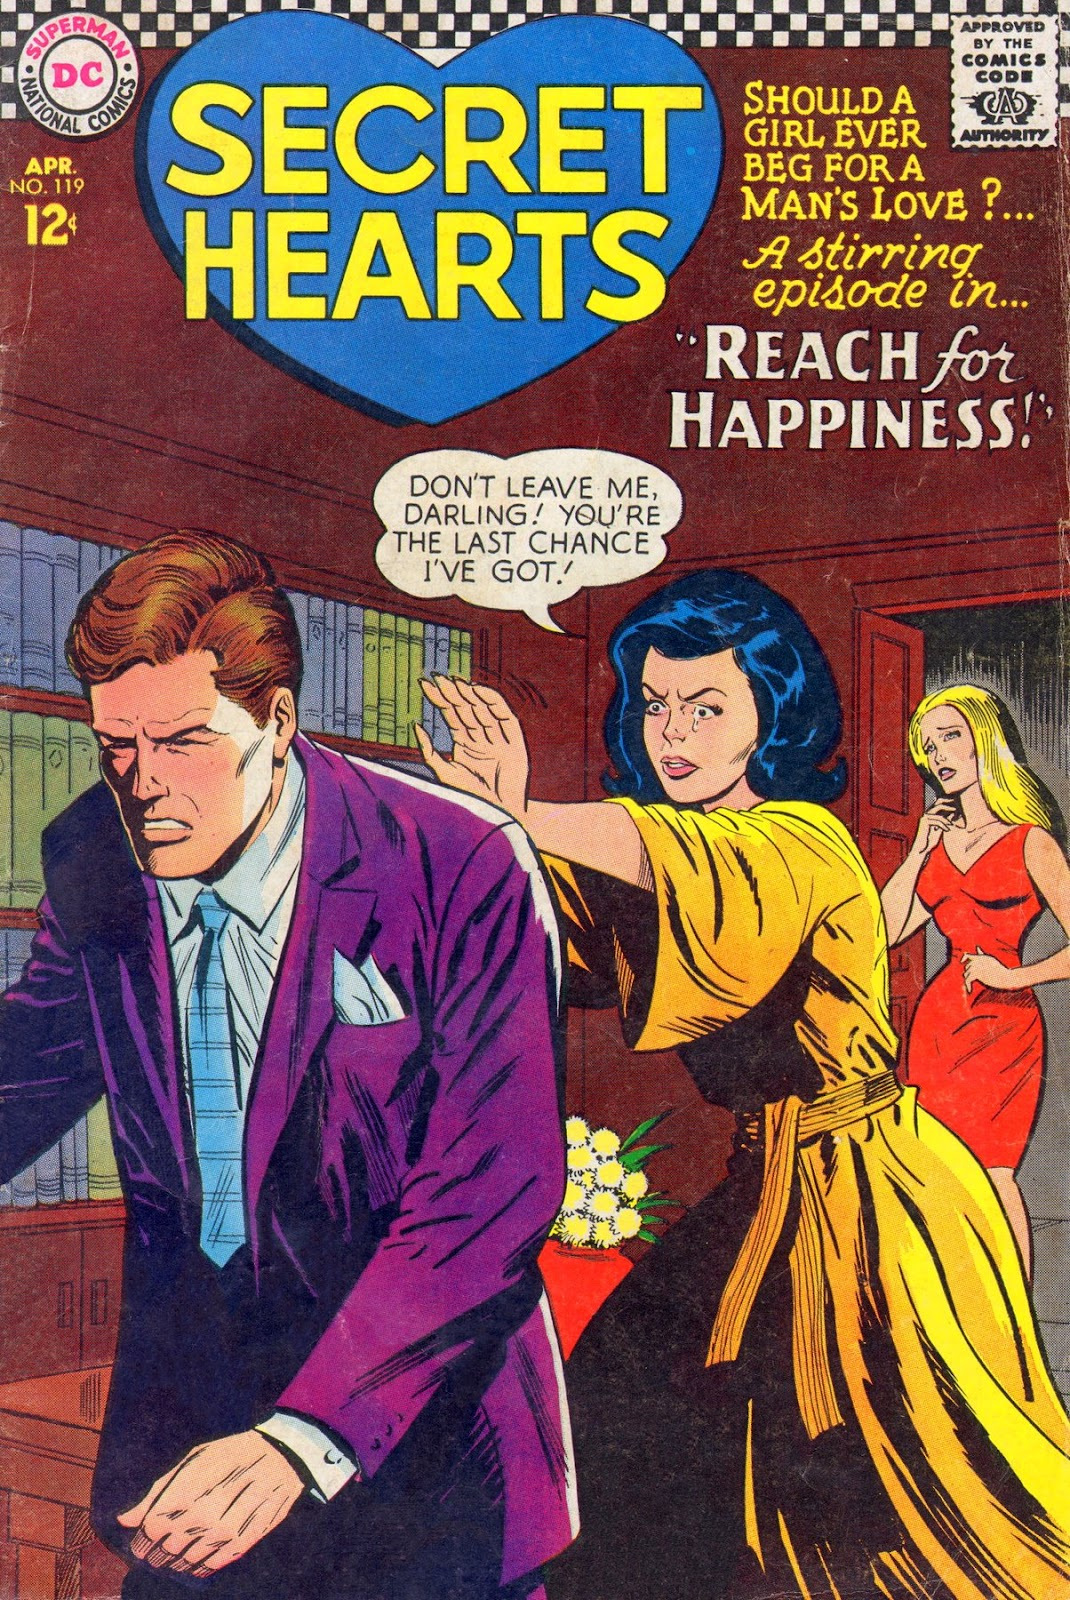 Secret Hearts 119 Page 1